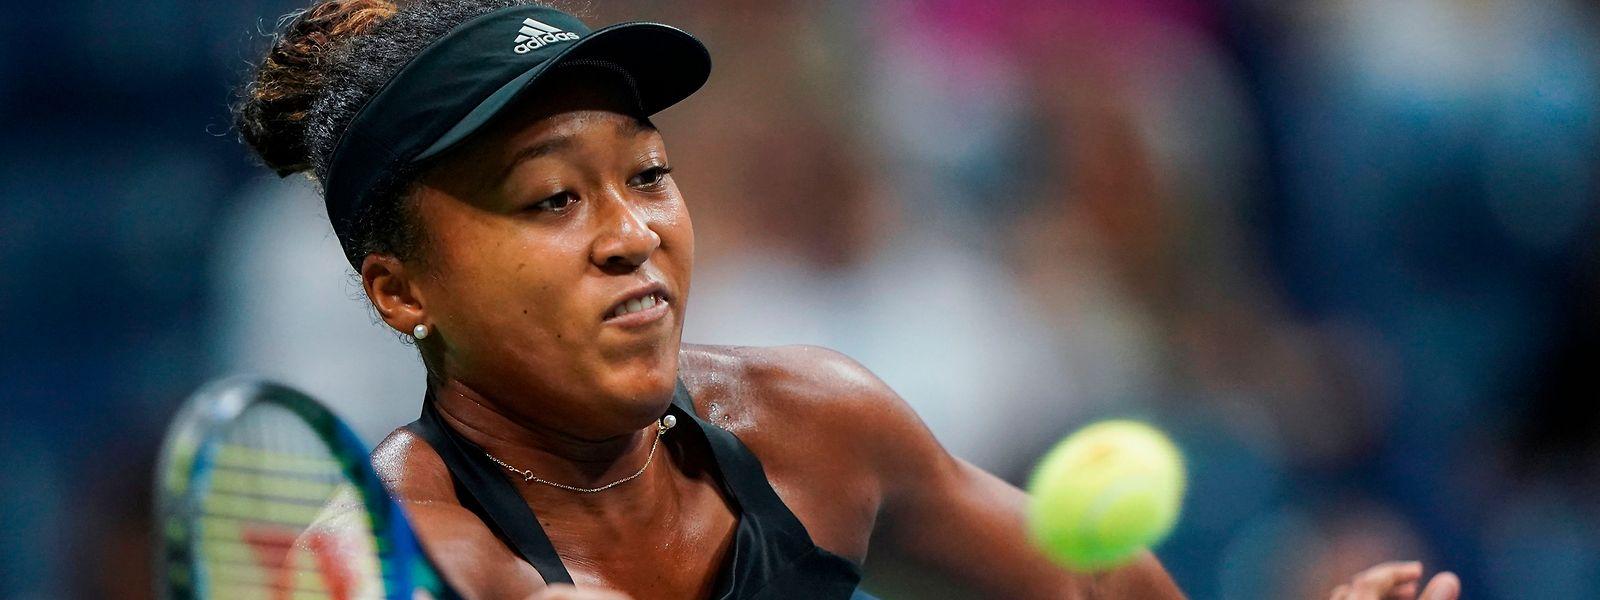 Naomi Osaka ist die große Entdeckung der US Open 2018.